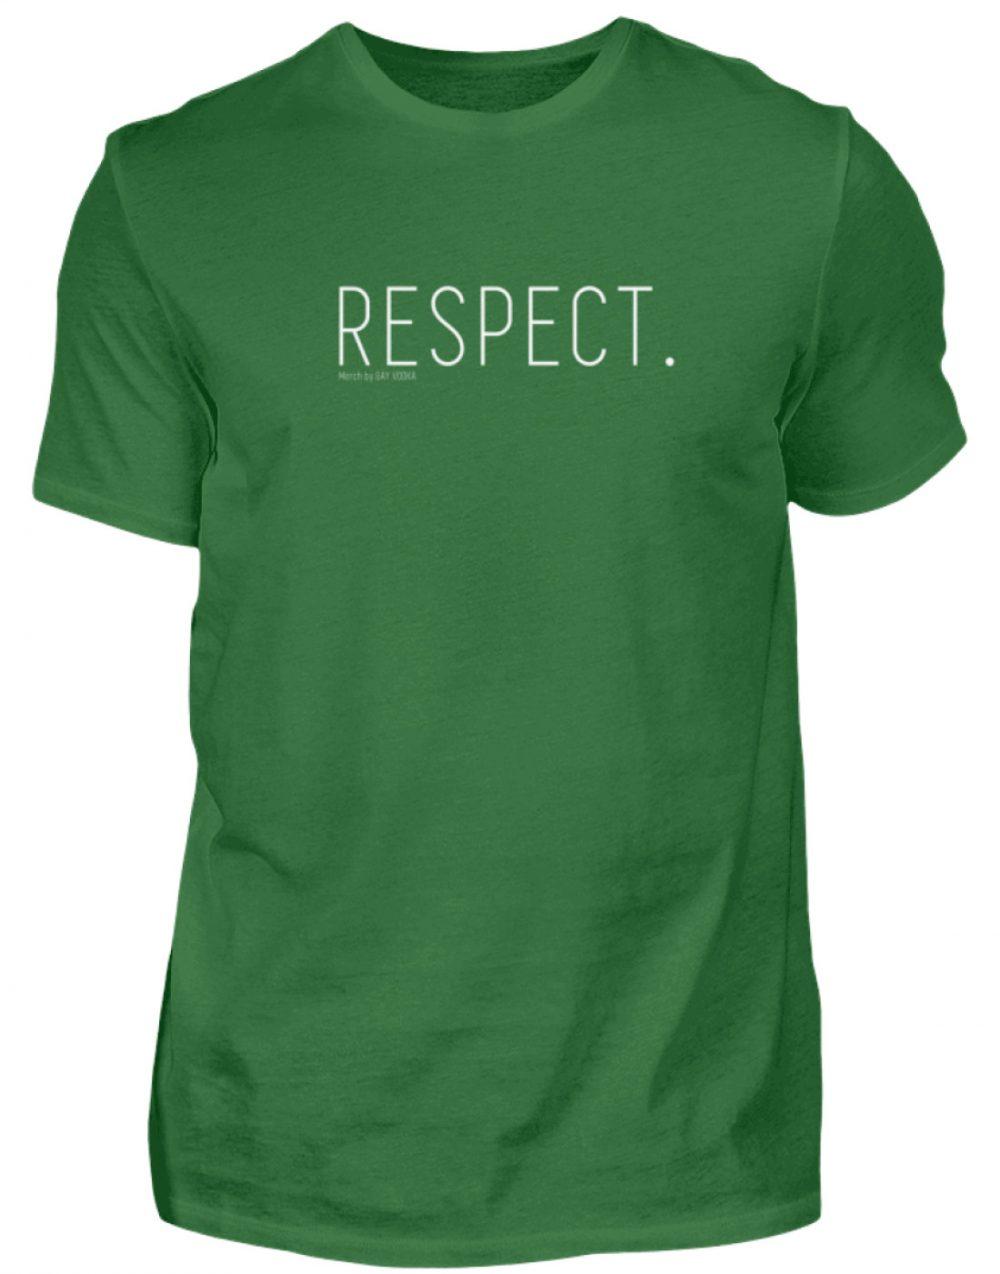 RESPECT. - Herren Premiumshirt-30